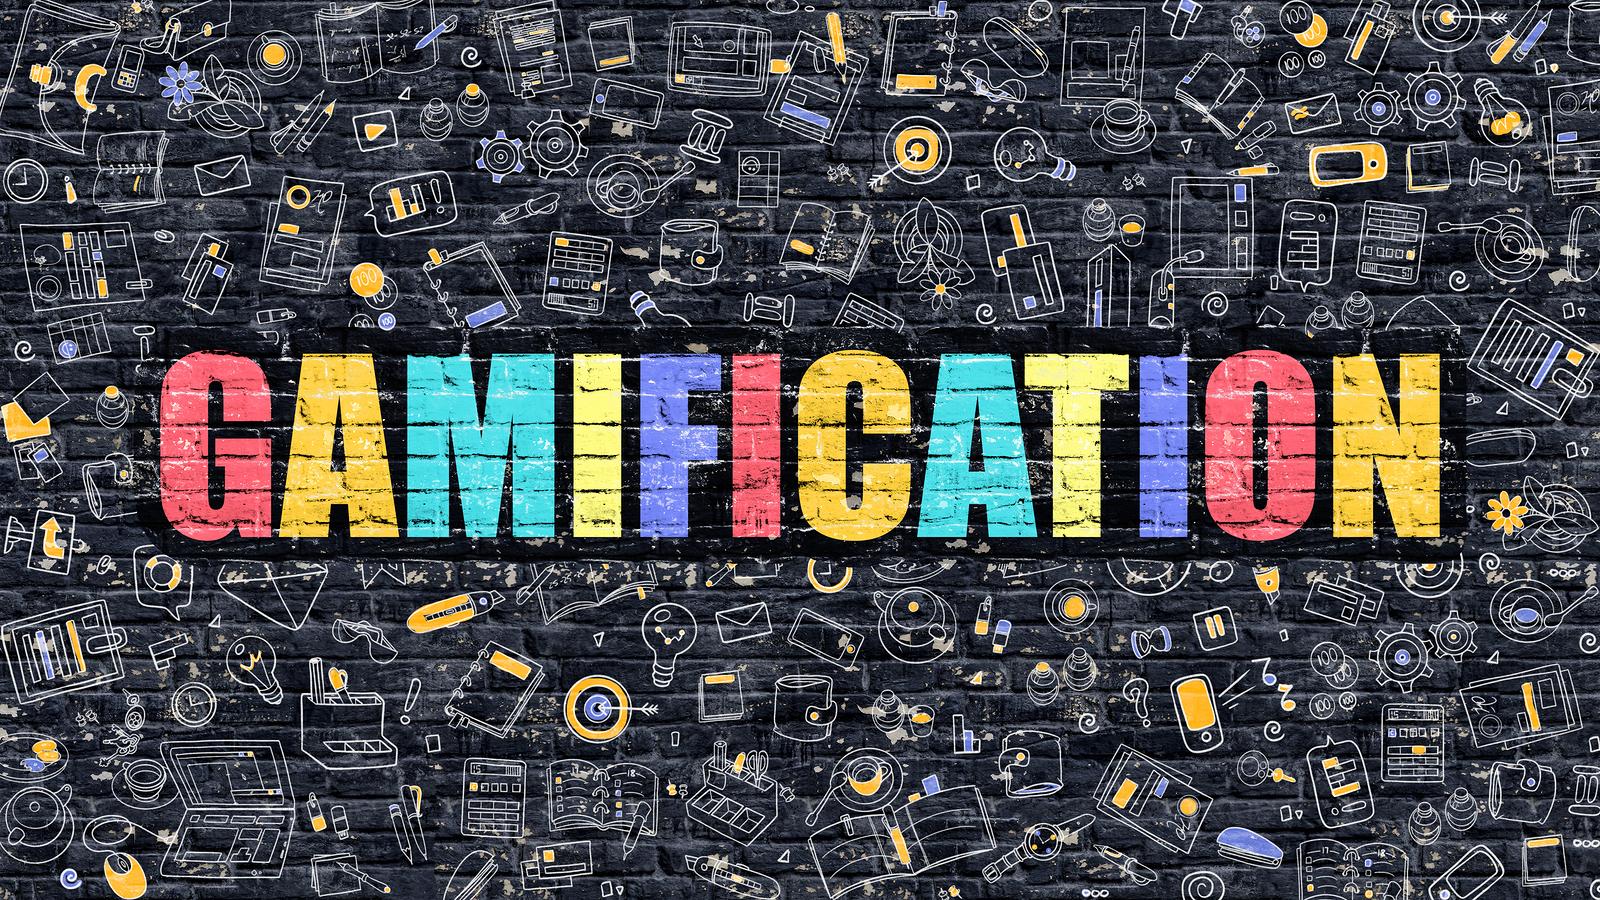 Una de las tendencias educativas más populares es Gamificación, sin embargo pocos docentes aplican este concepto de manera correcta en el aula. Conoce los conceptos básicos de Gamificación y algunos ejemplos prácticos que puedes implementar en tu clase con el fin de motivar e involucrar a los alumnos en su proceso de aprendizaje. -